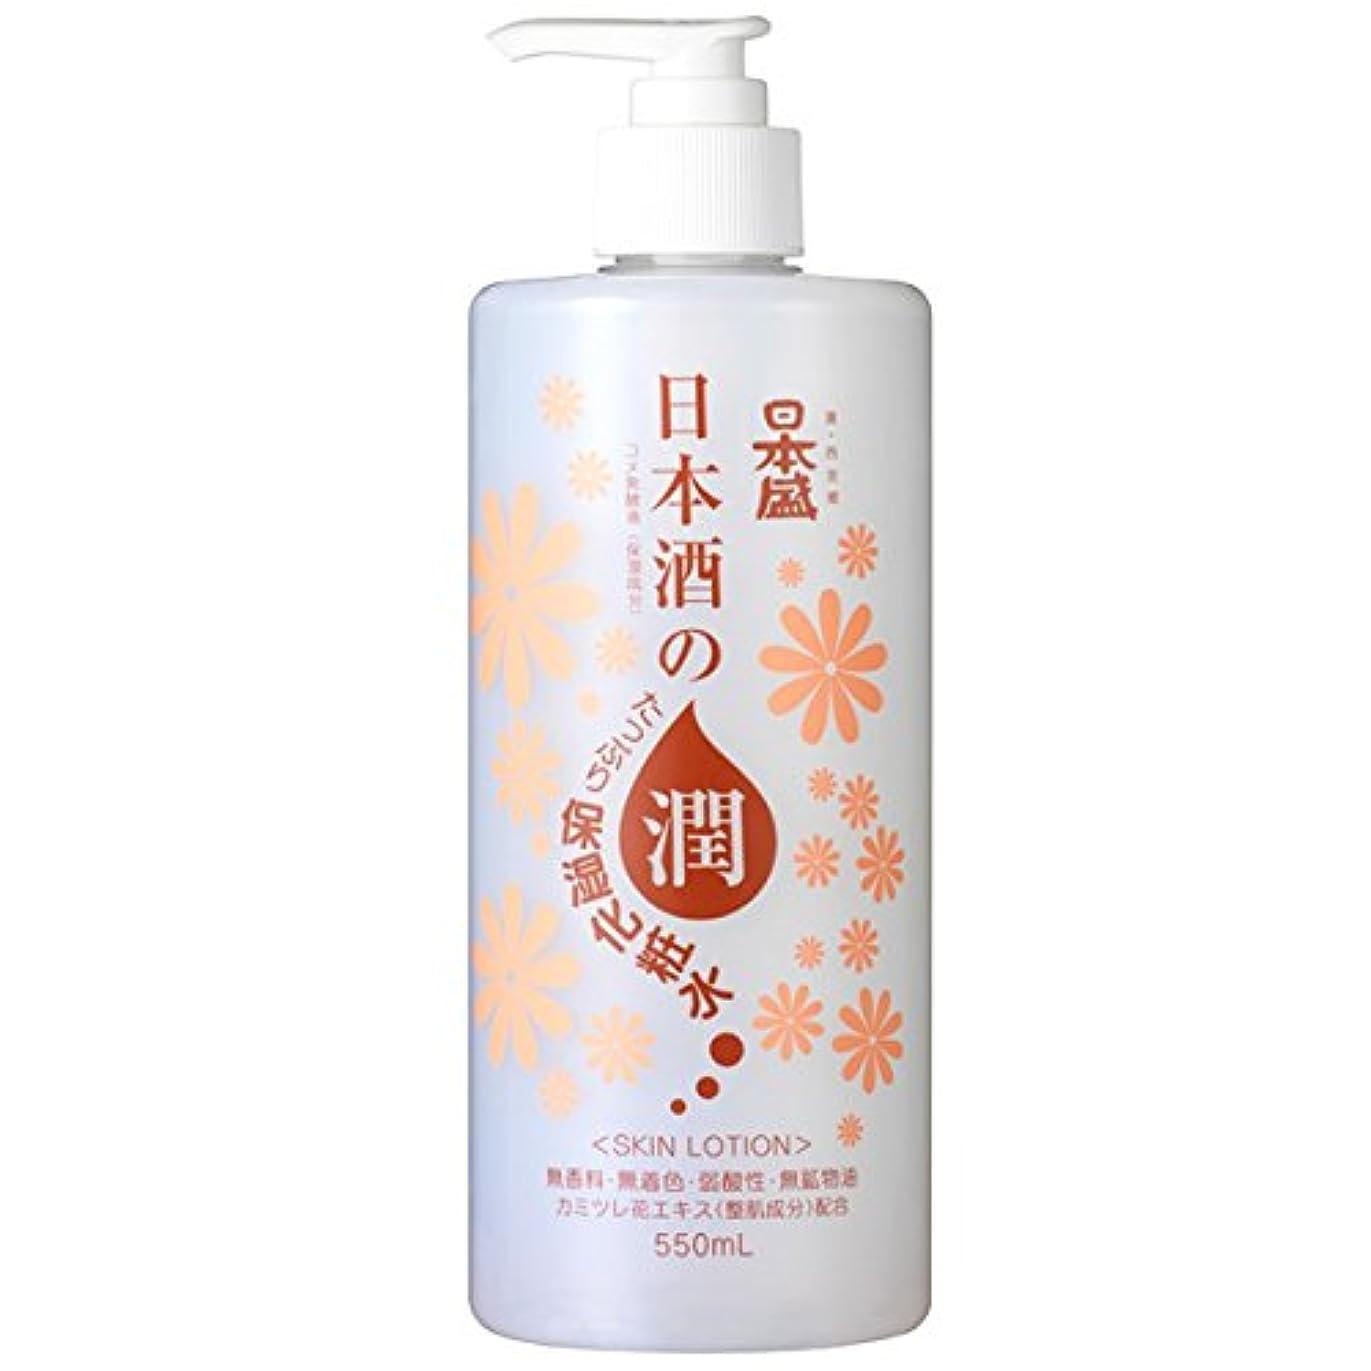 おとこ思春期のビーム日本酒のたっぷり保湿化粧水 550ml